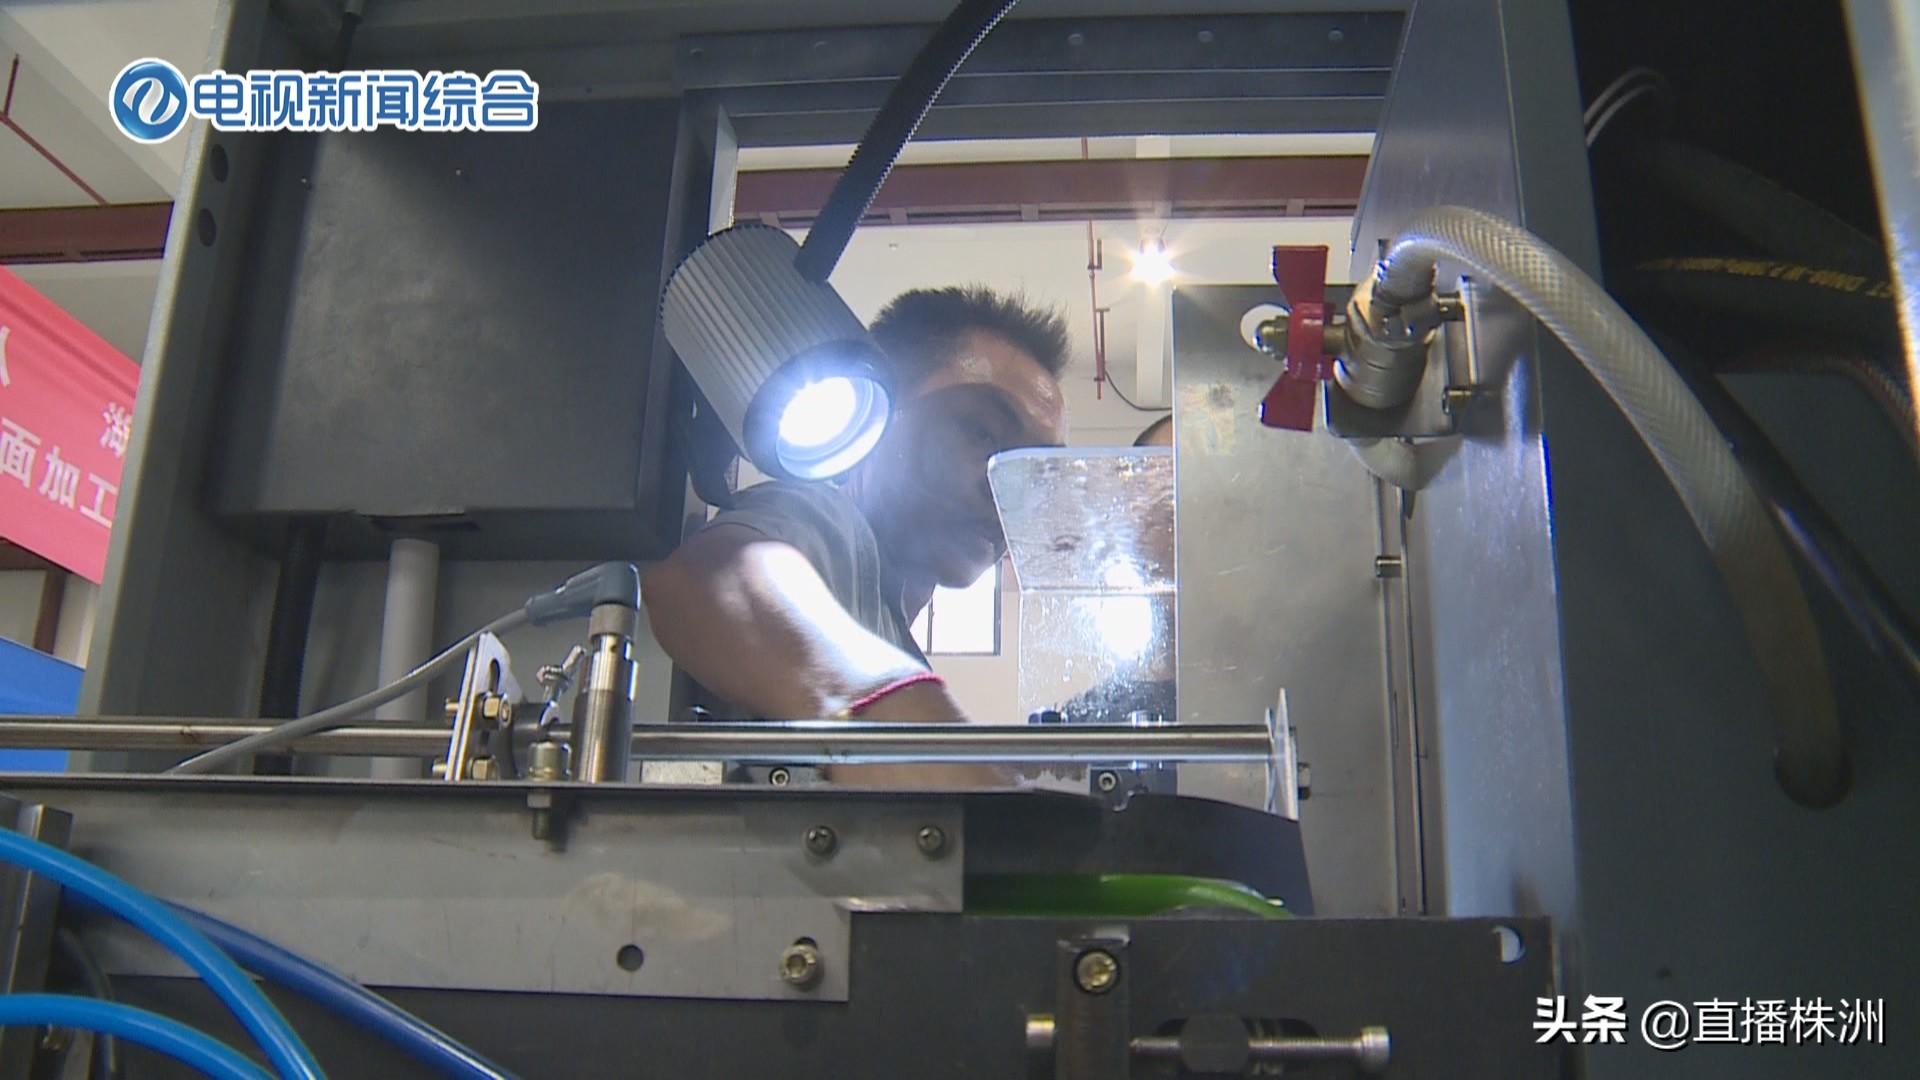 邦人智能与湖南大学合作 创新活塞杆镜面抛光工艺